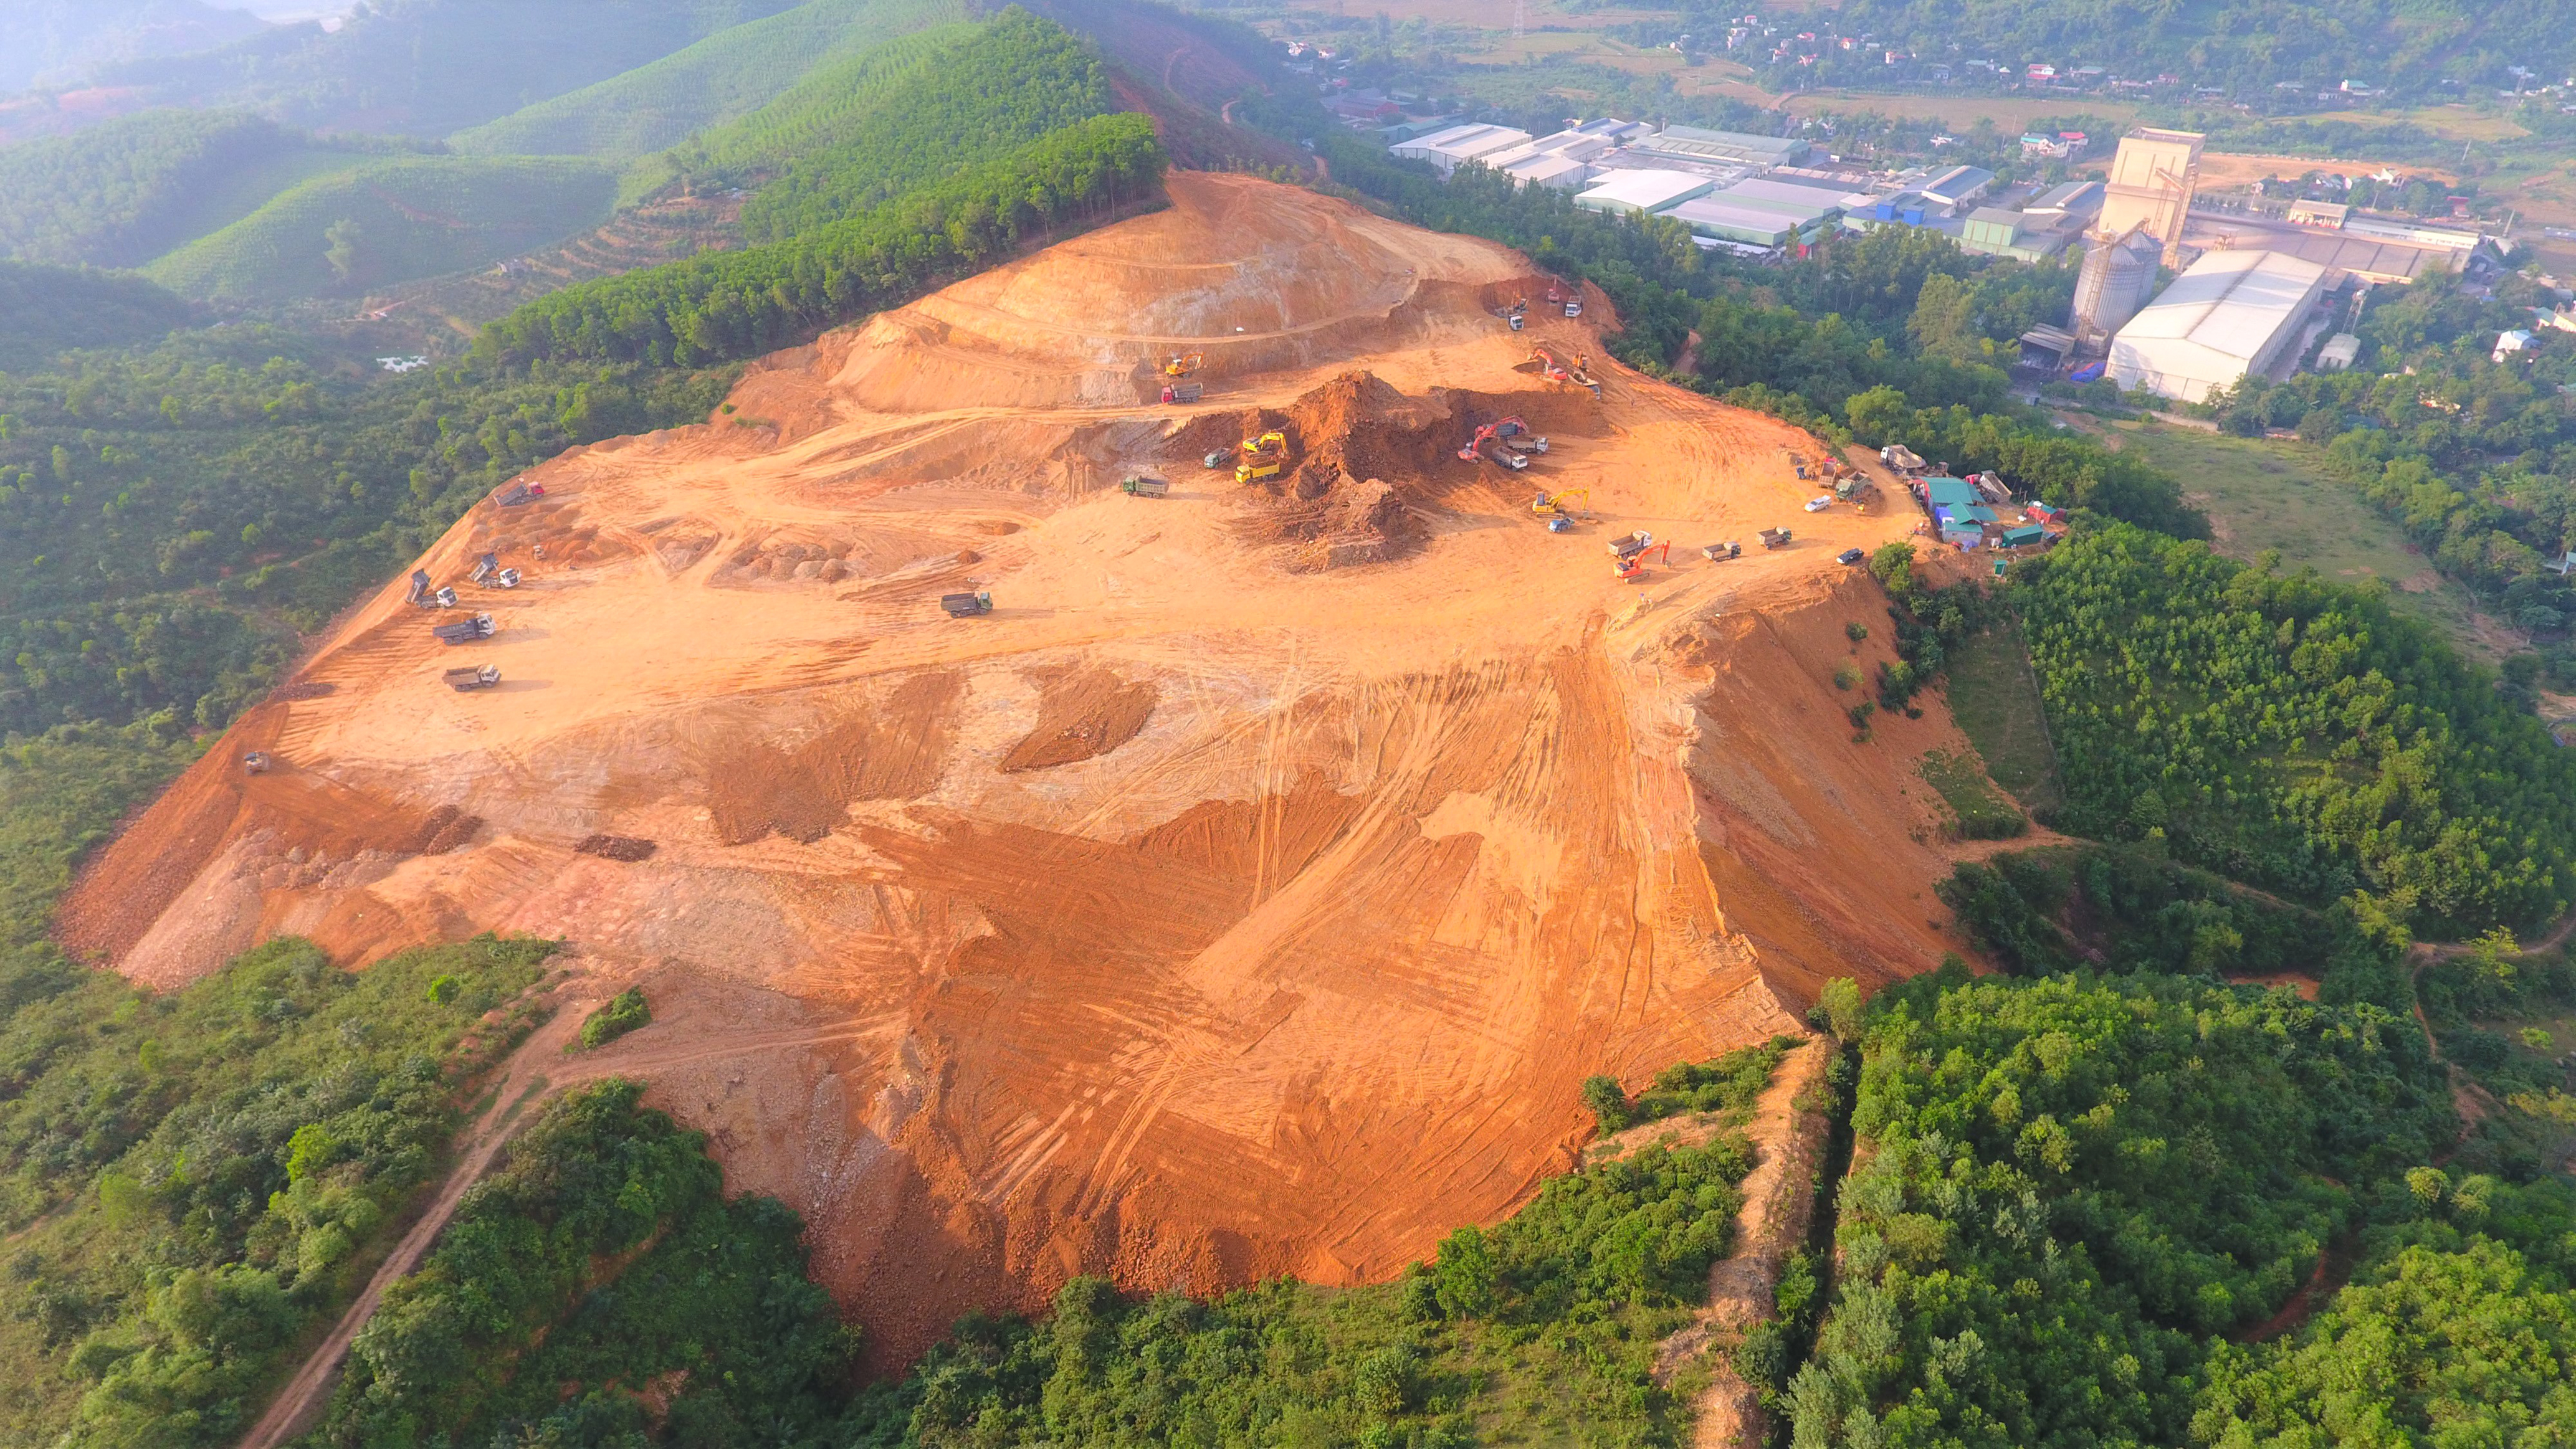 Công ty CP Tây phương cực lạc vẫn ồ ạt thi công dù đã bị yêu cầu dừng triển khai dự án.